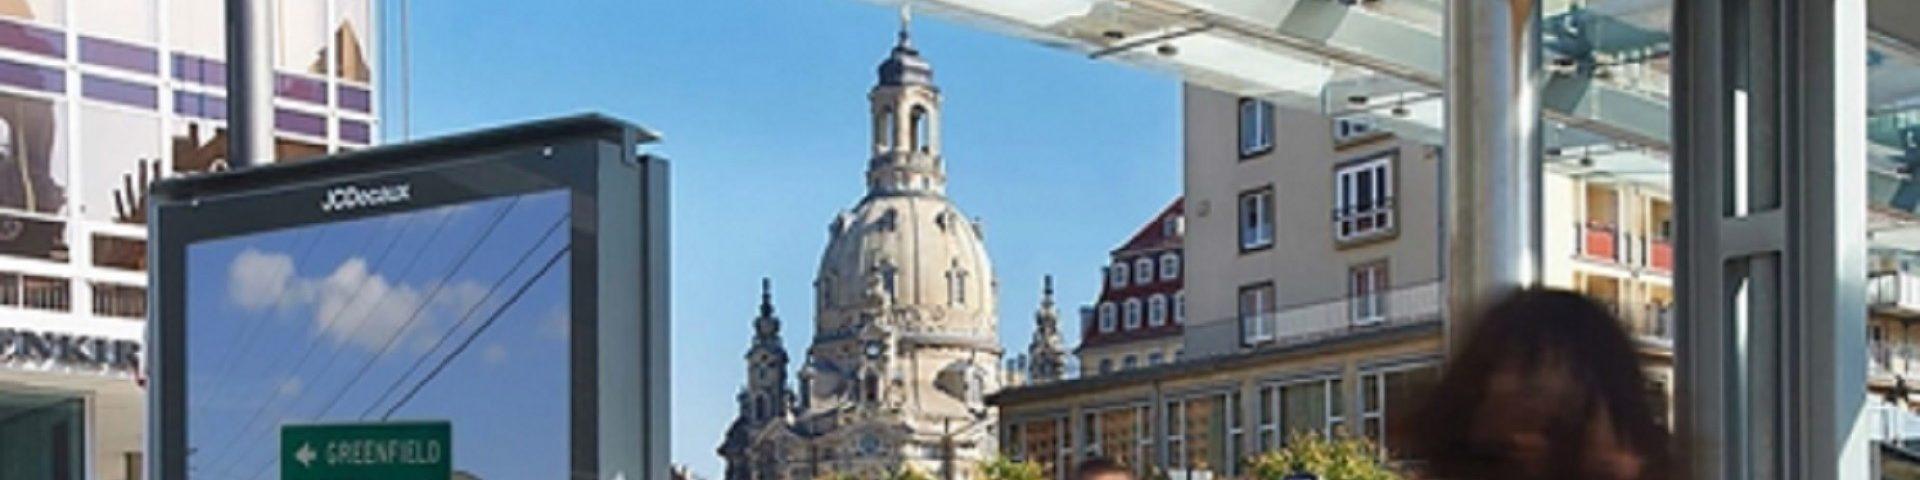 Dresden united